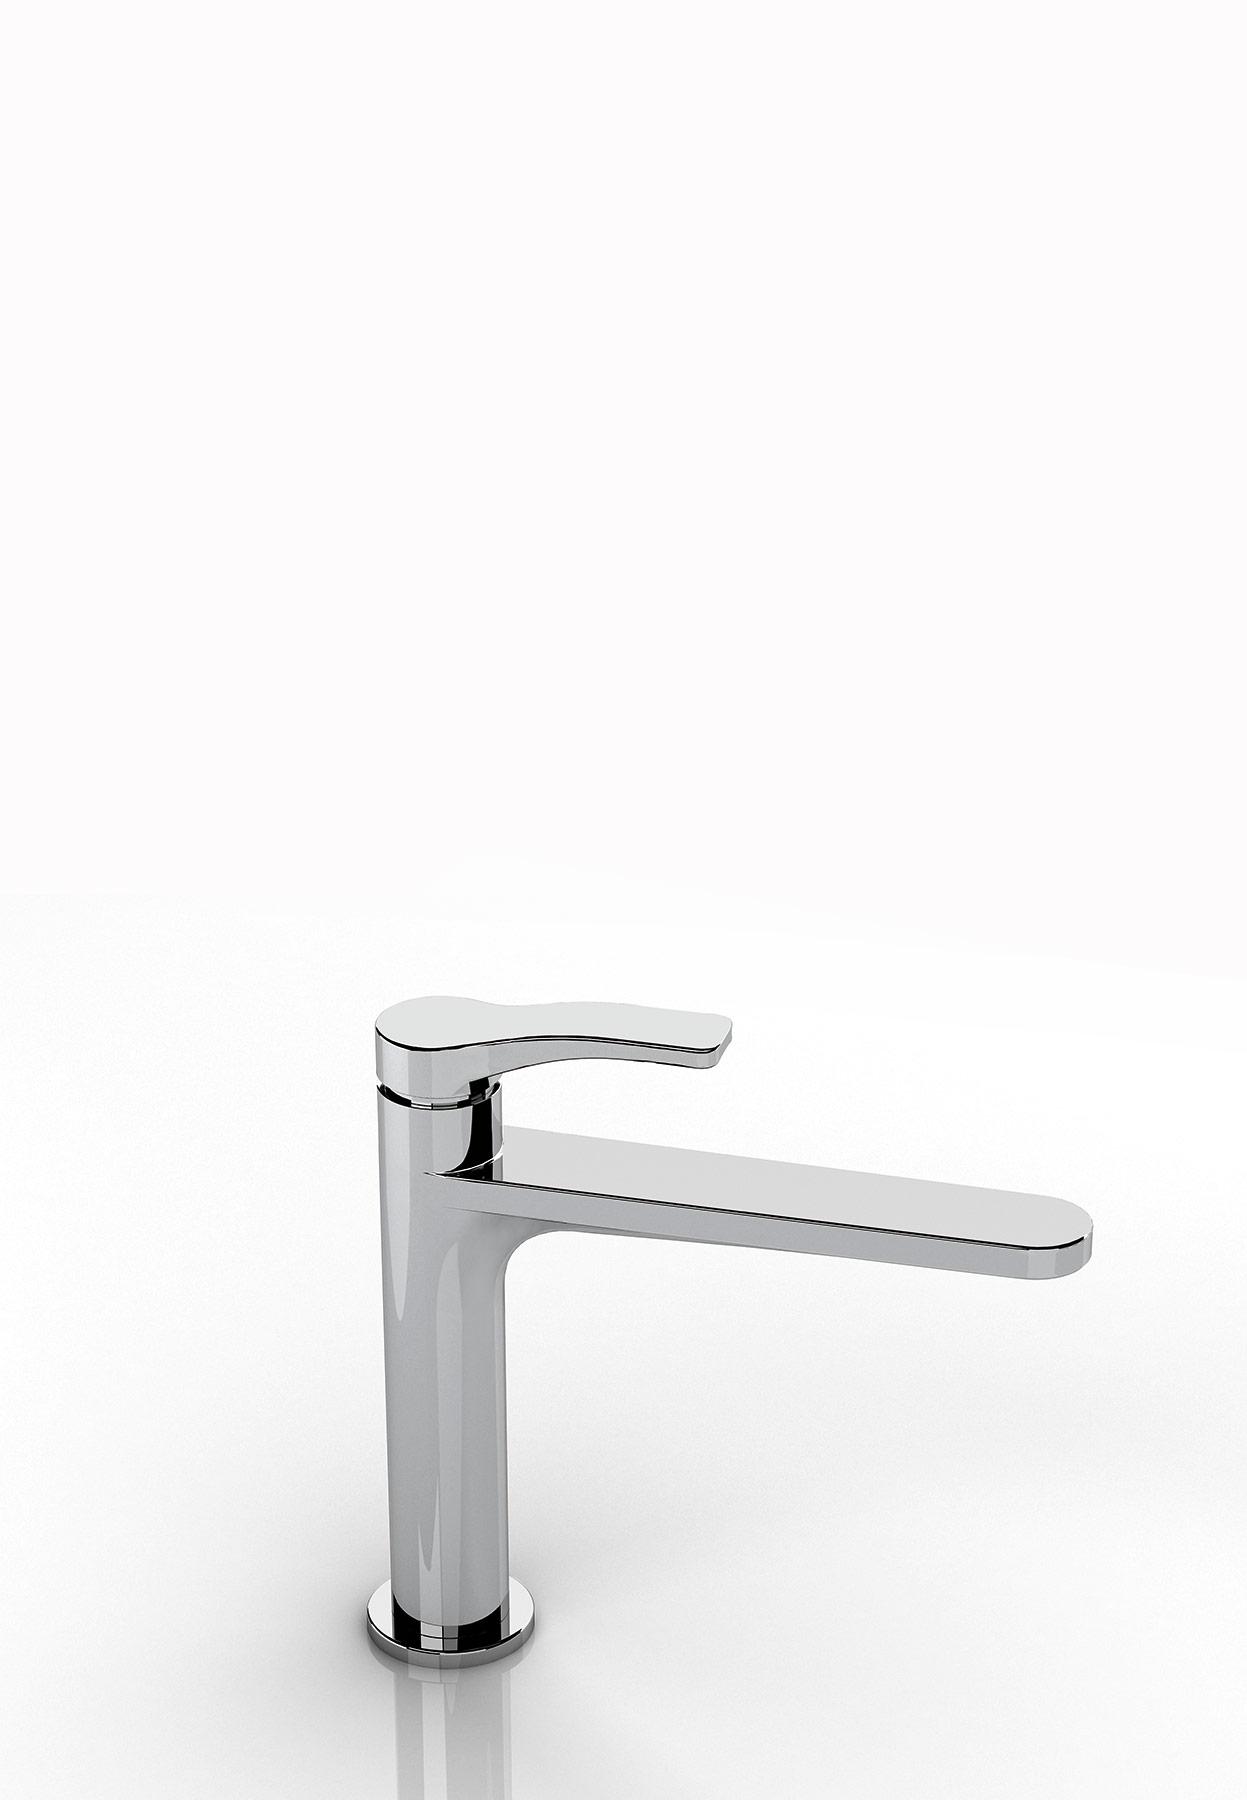 Transitional Lissoni Deck Mount Faucet